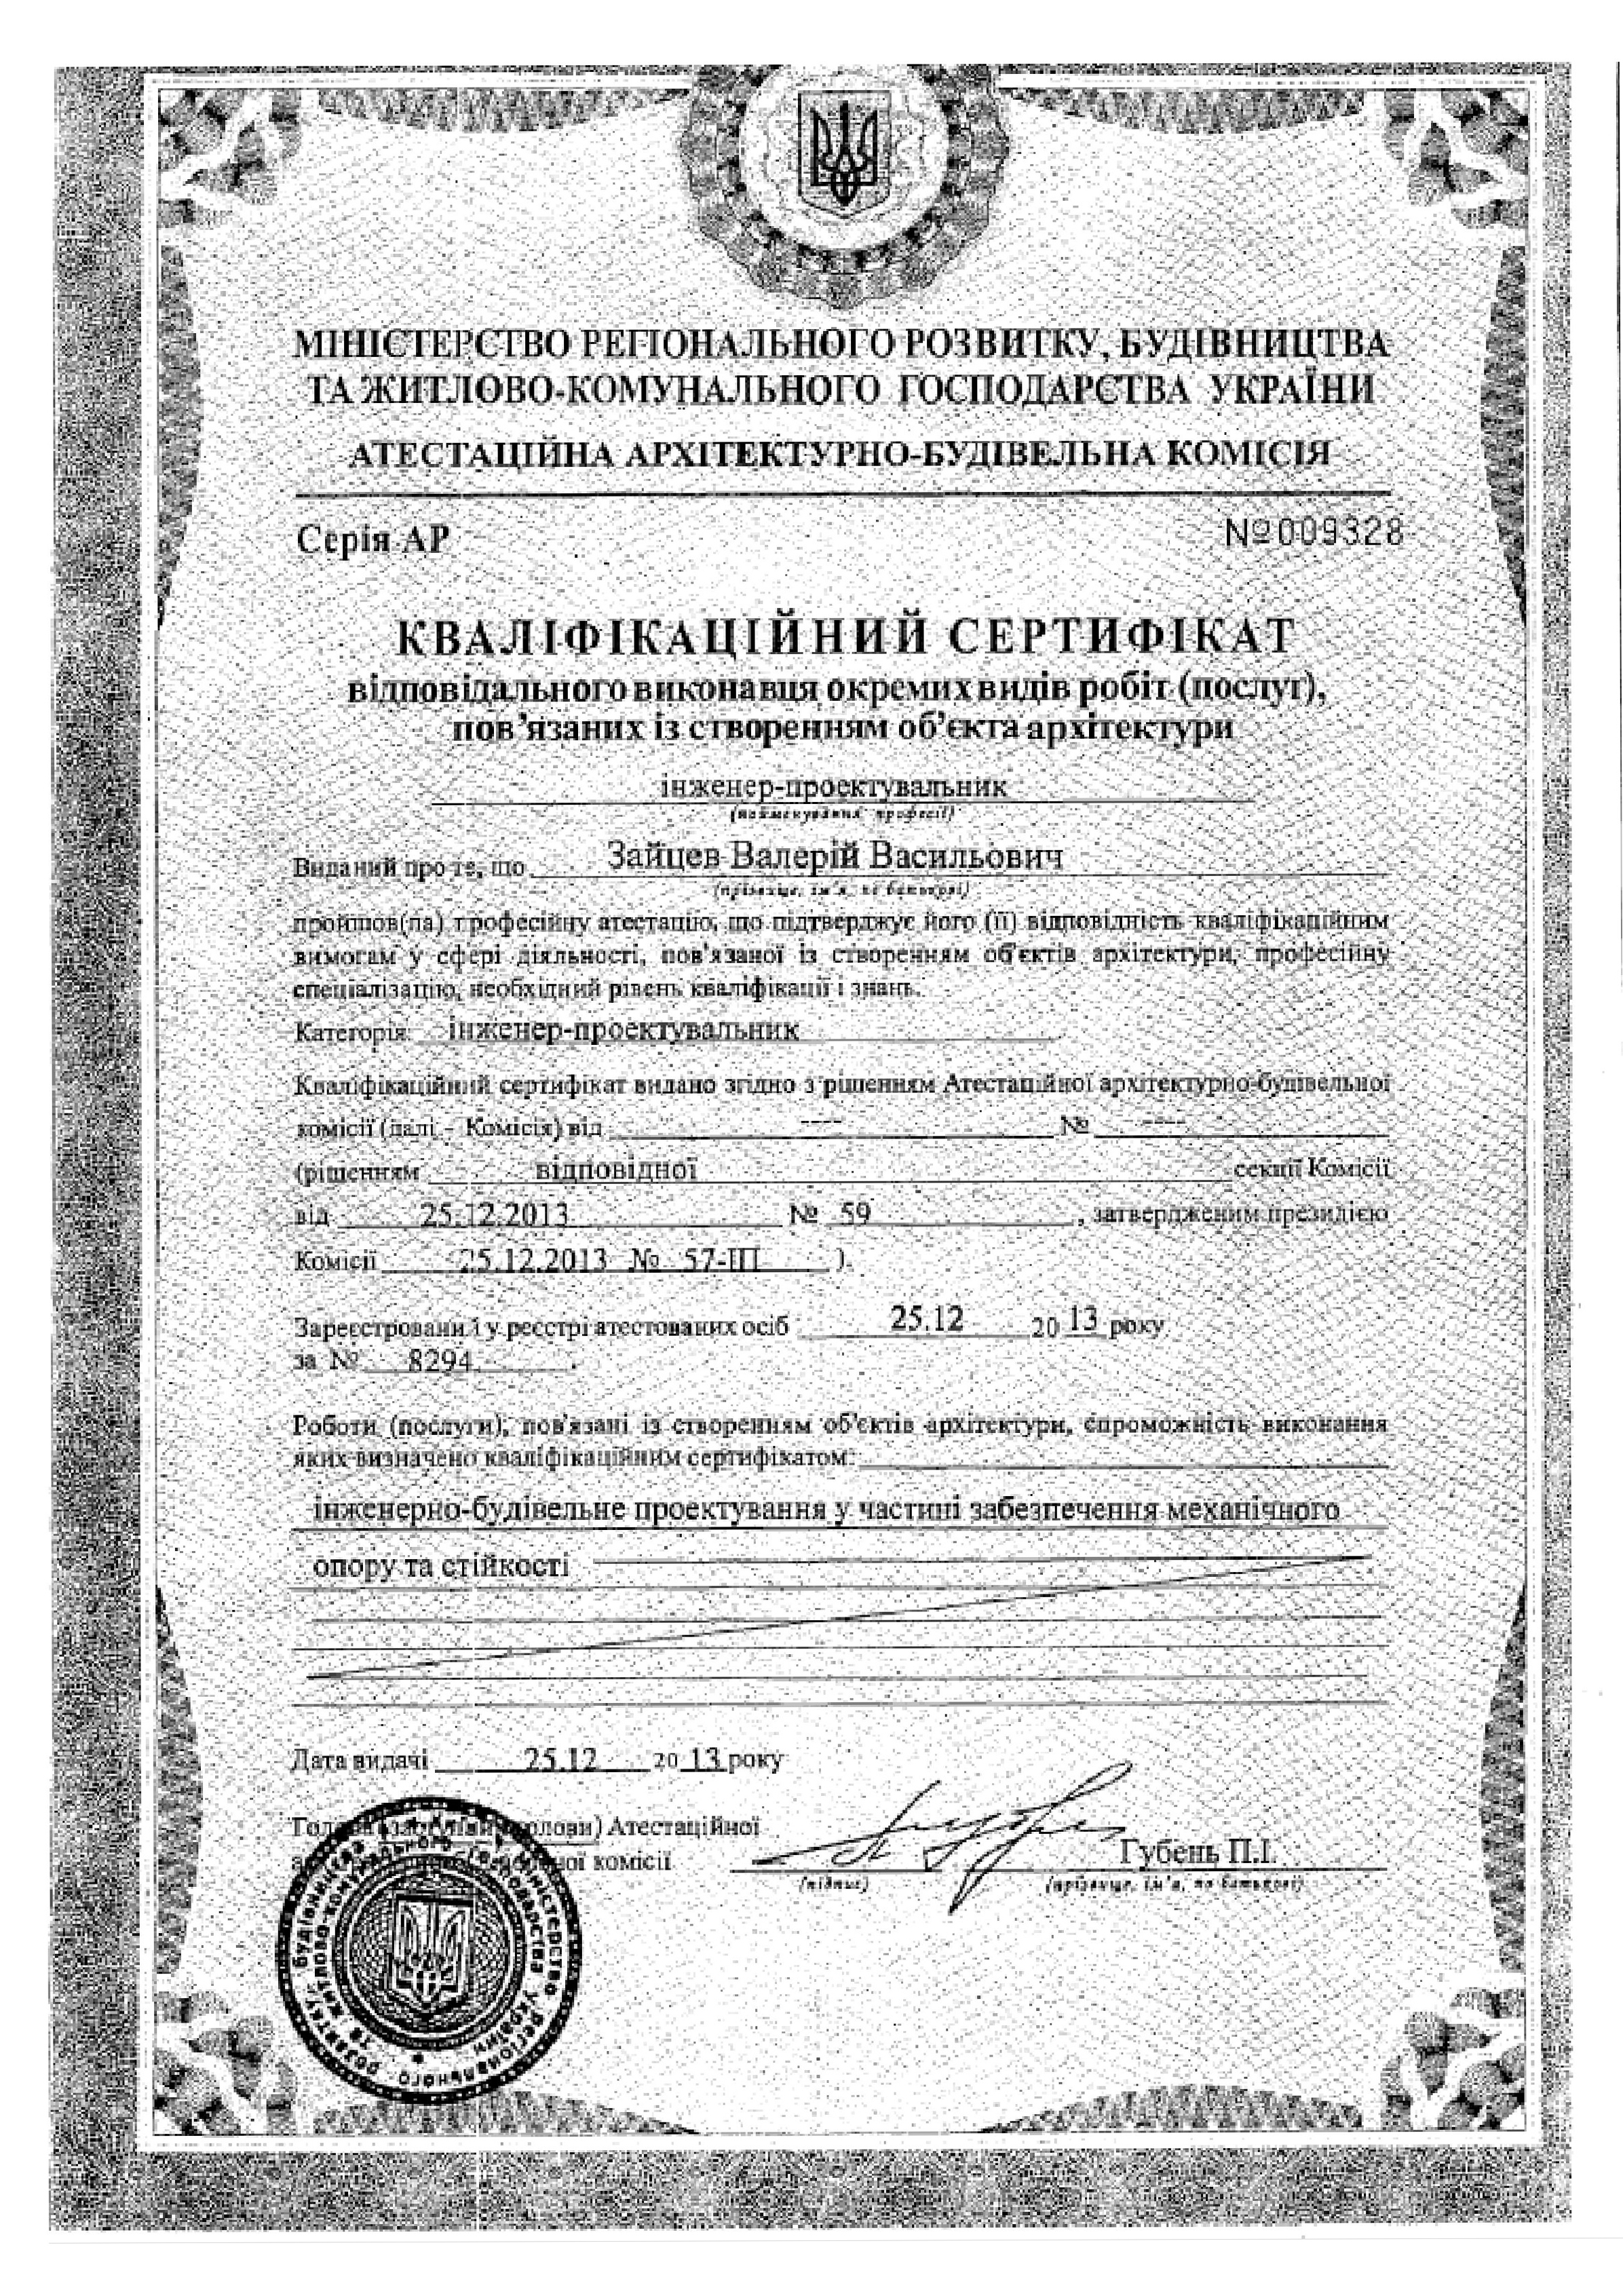 Квалификационный сертификат инженера-проектировщика Зайцев Валерий Васильевич